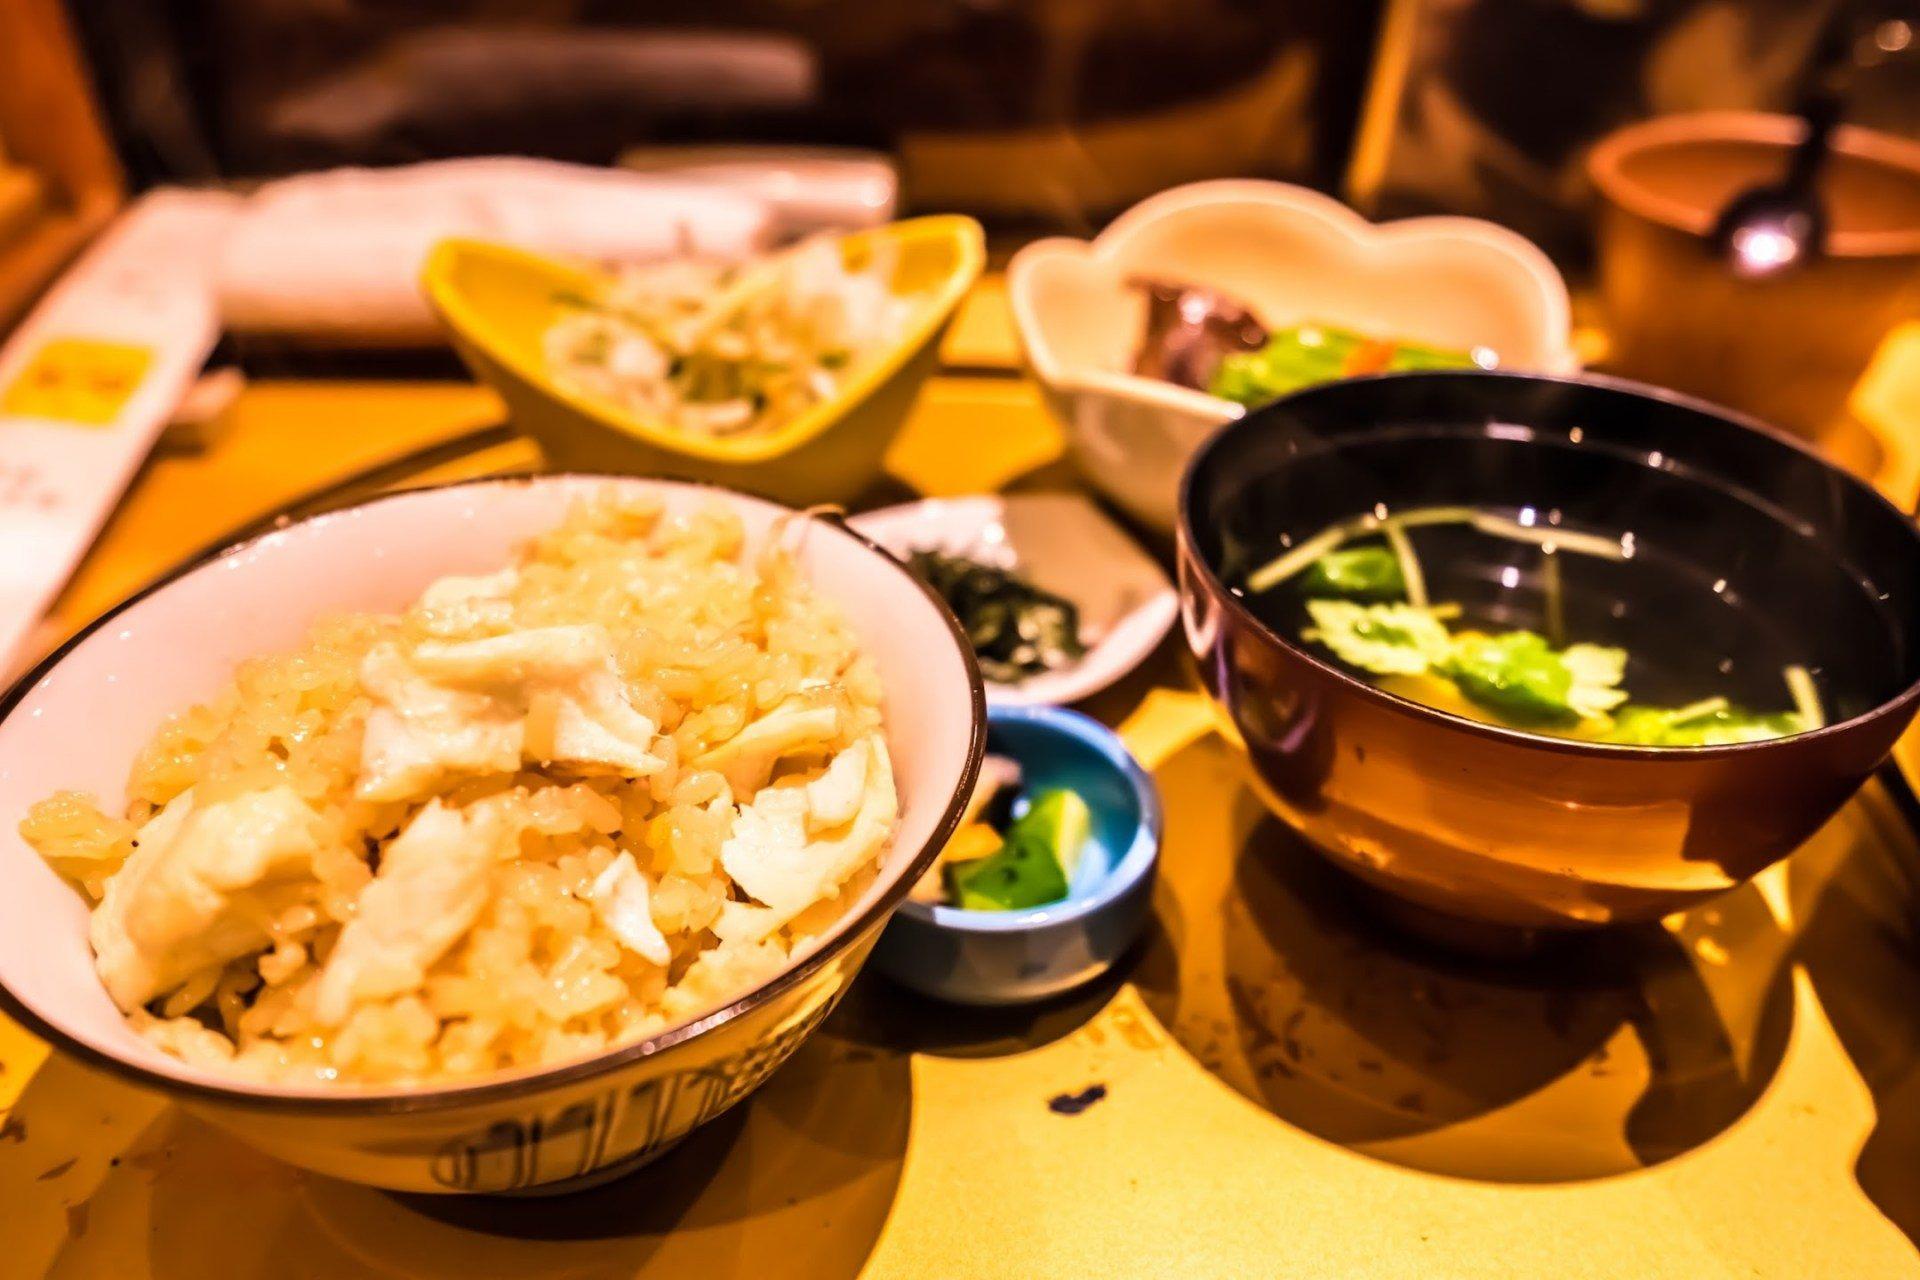 放在土鍋內熬煮的鯛魚飯